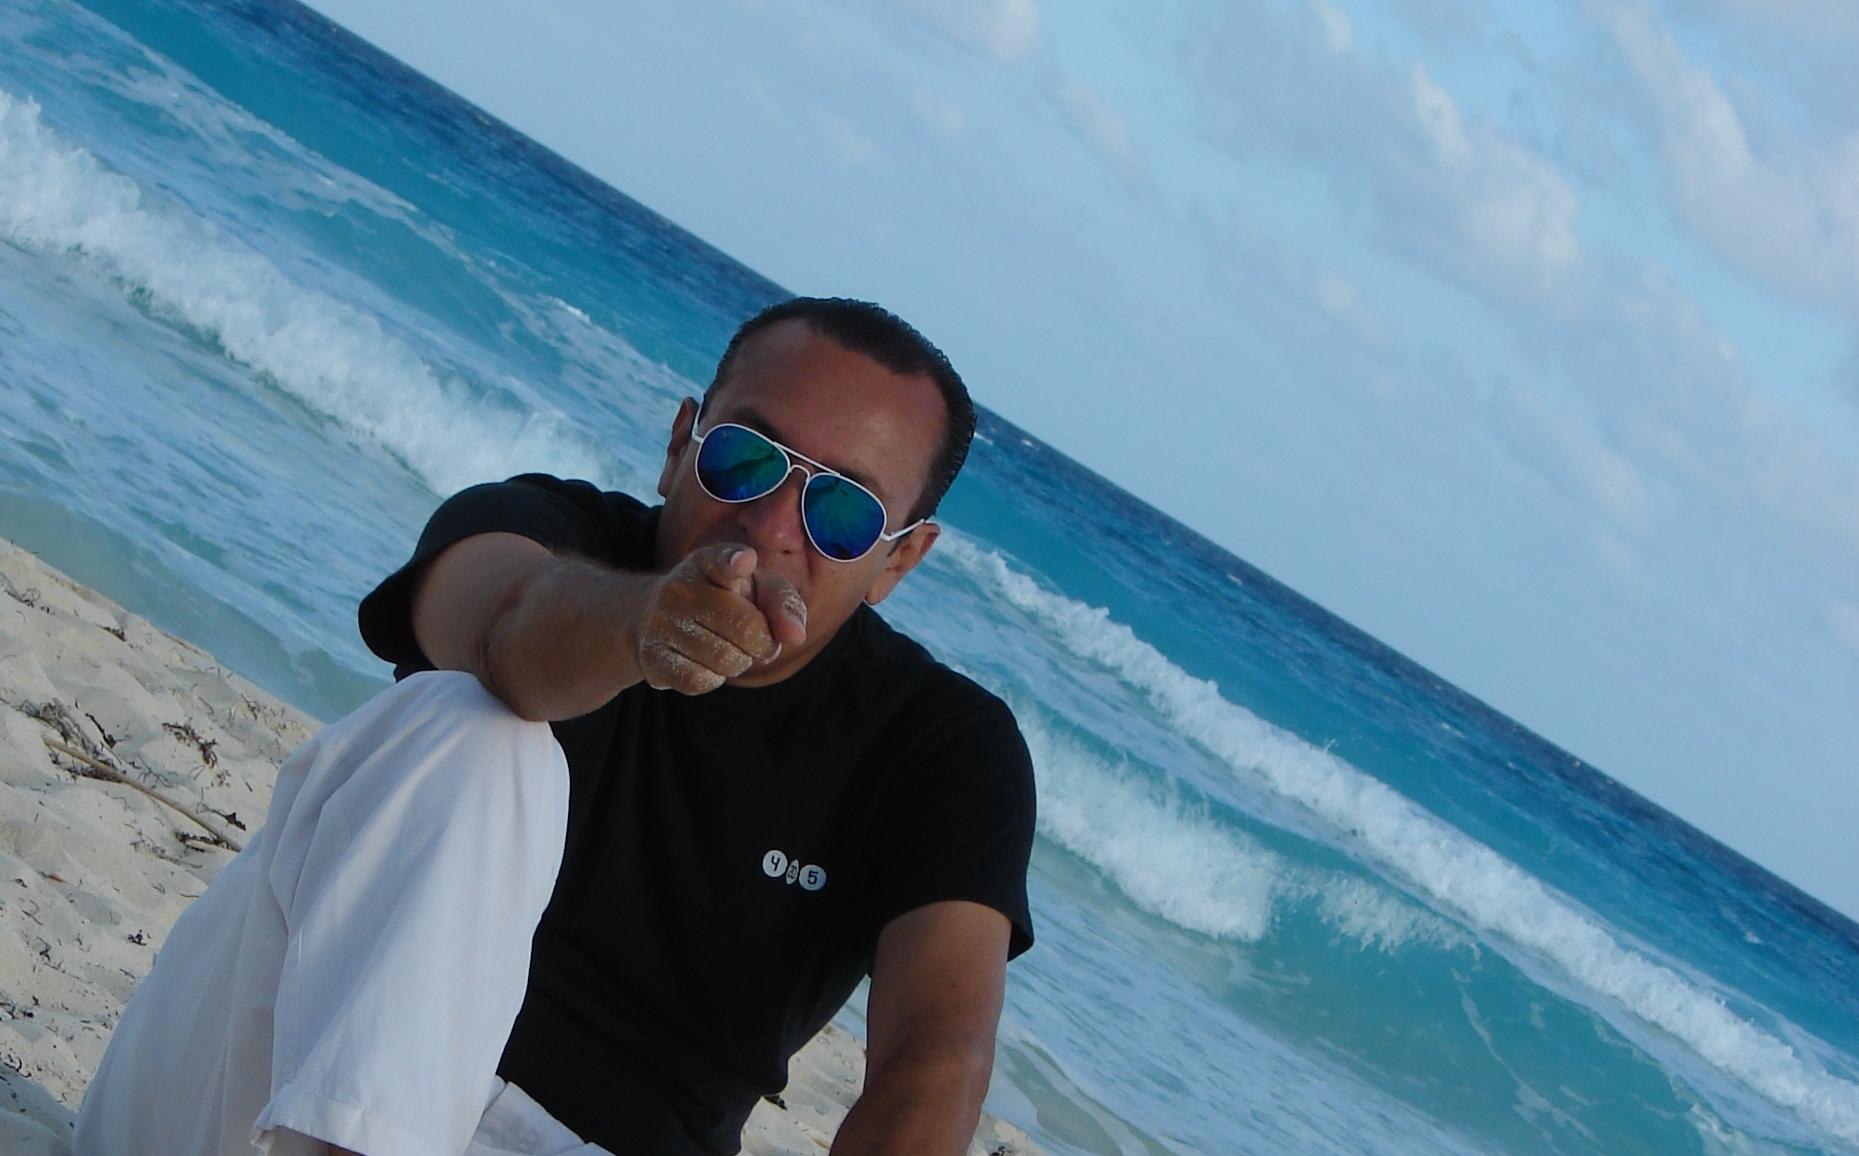 ROBERTO RIOS DJ RADIO CUARTOS CUADRADOS